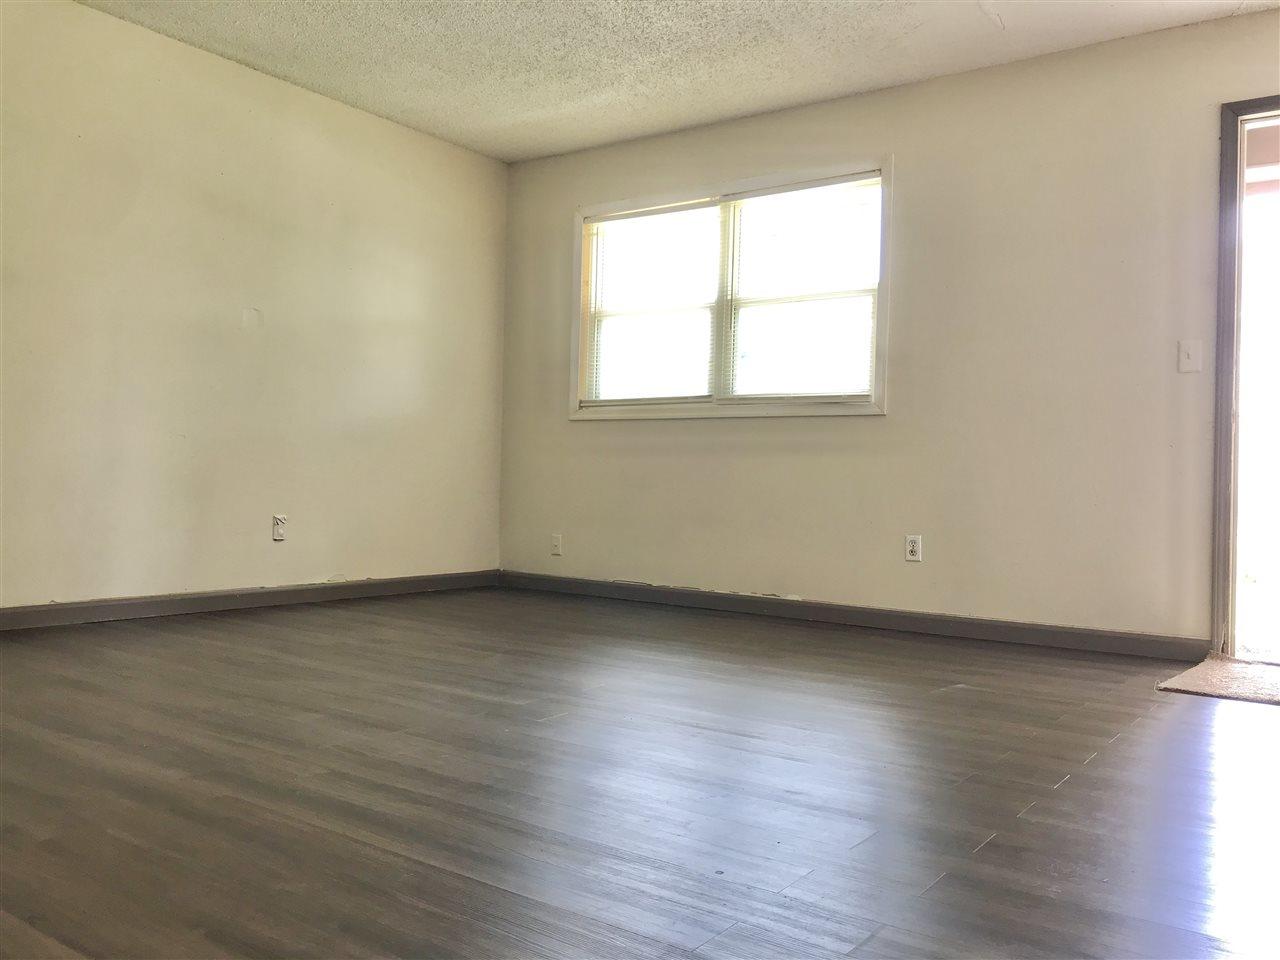 For Sale: 903 E OSIE ST, Wichita KS